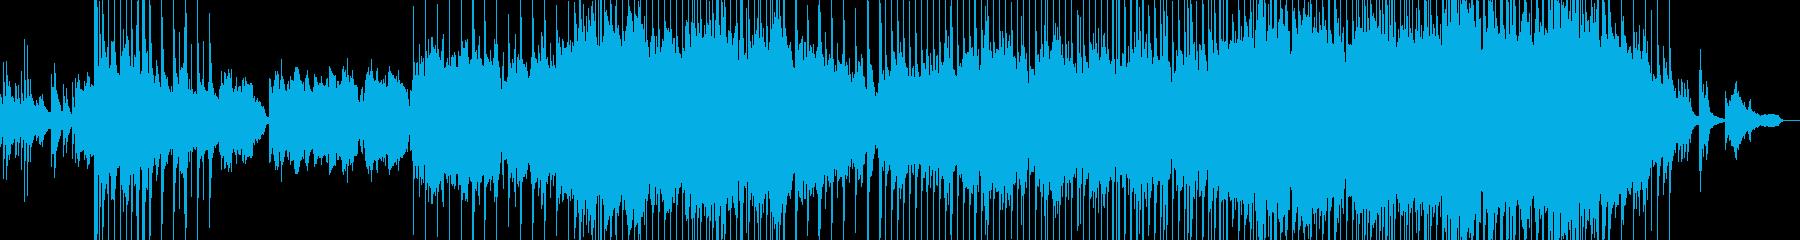 悲しい雰囲気の韓流風バラードの再生済みの波形